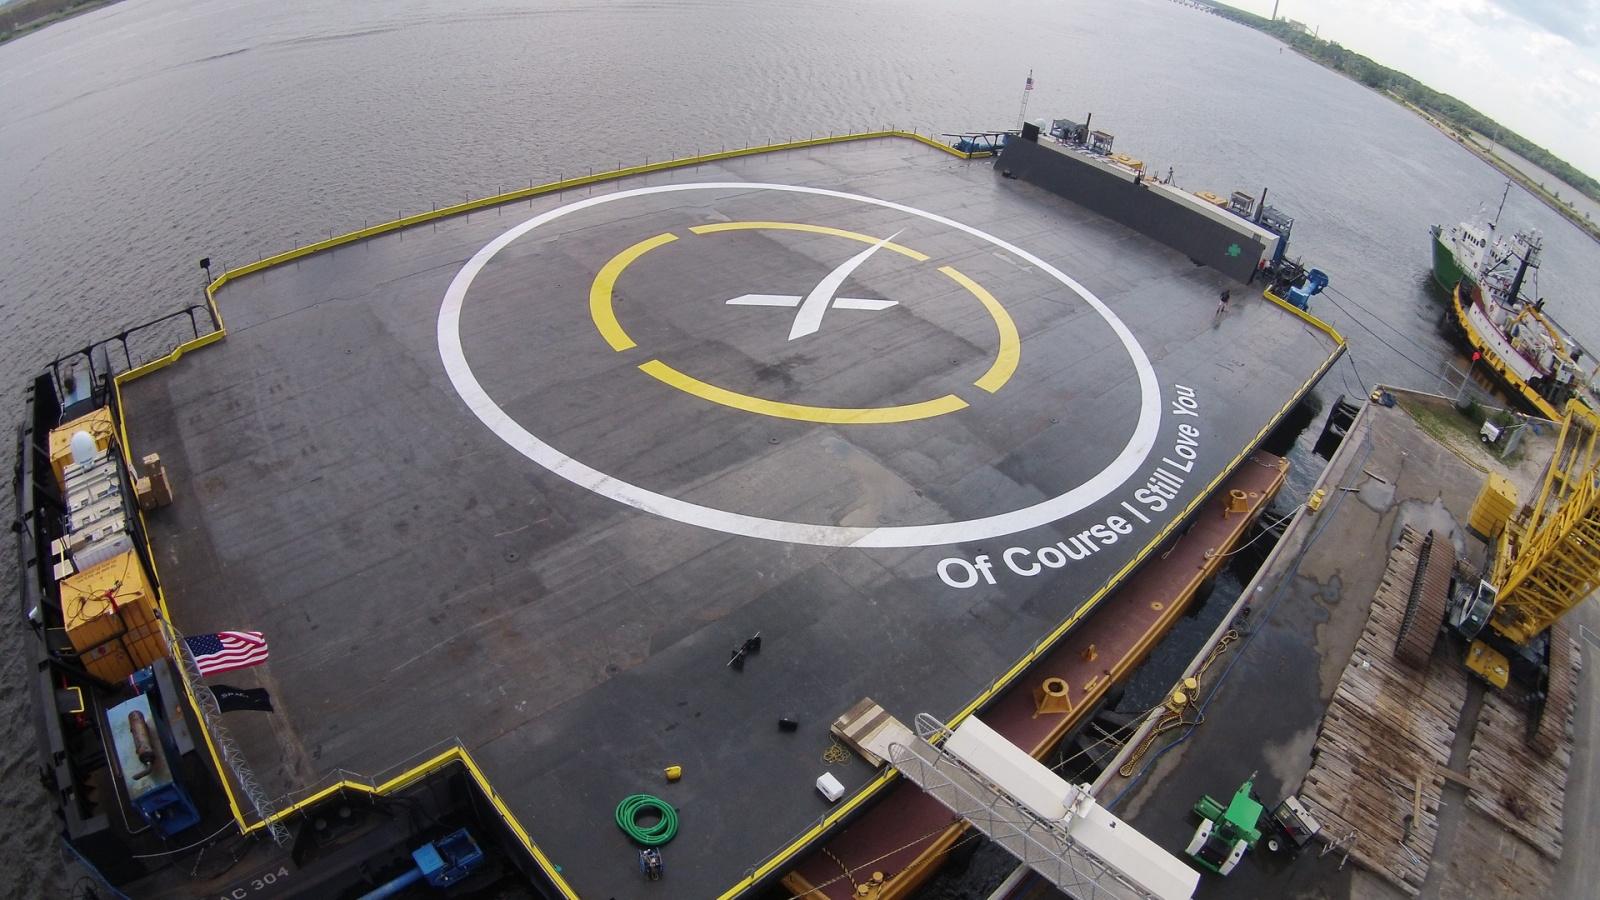 SpaceX CRS-7 утерян. Что дальше? - 2